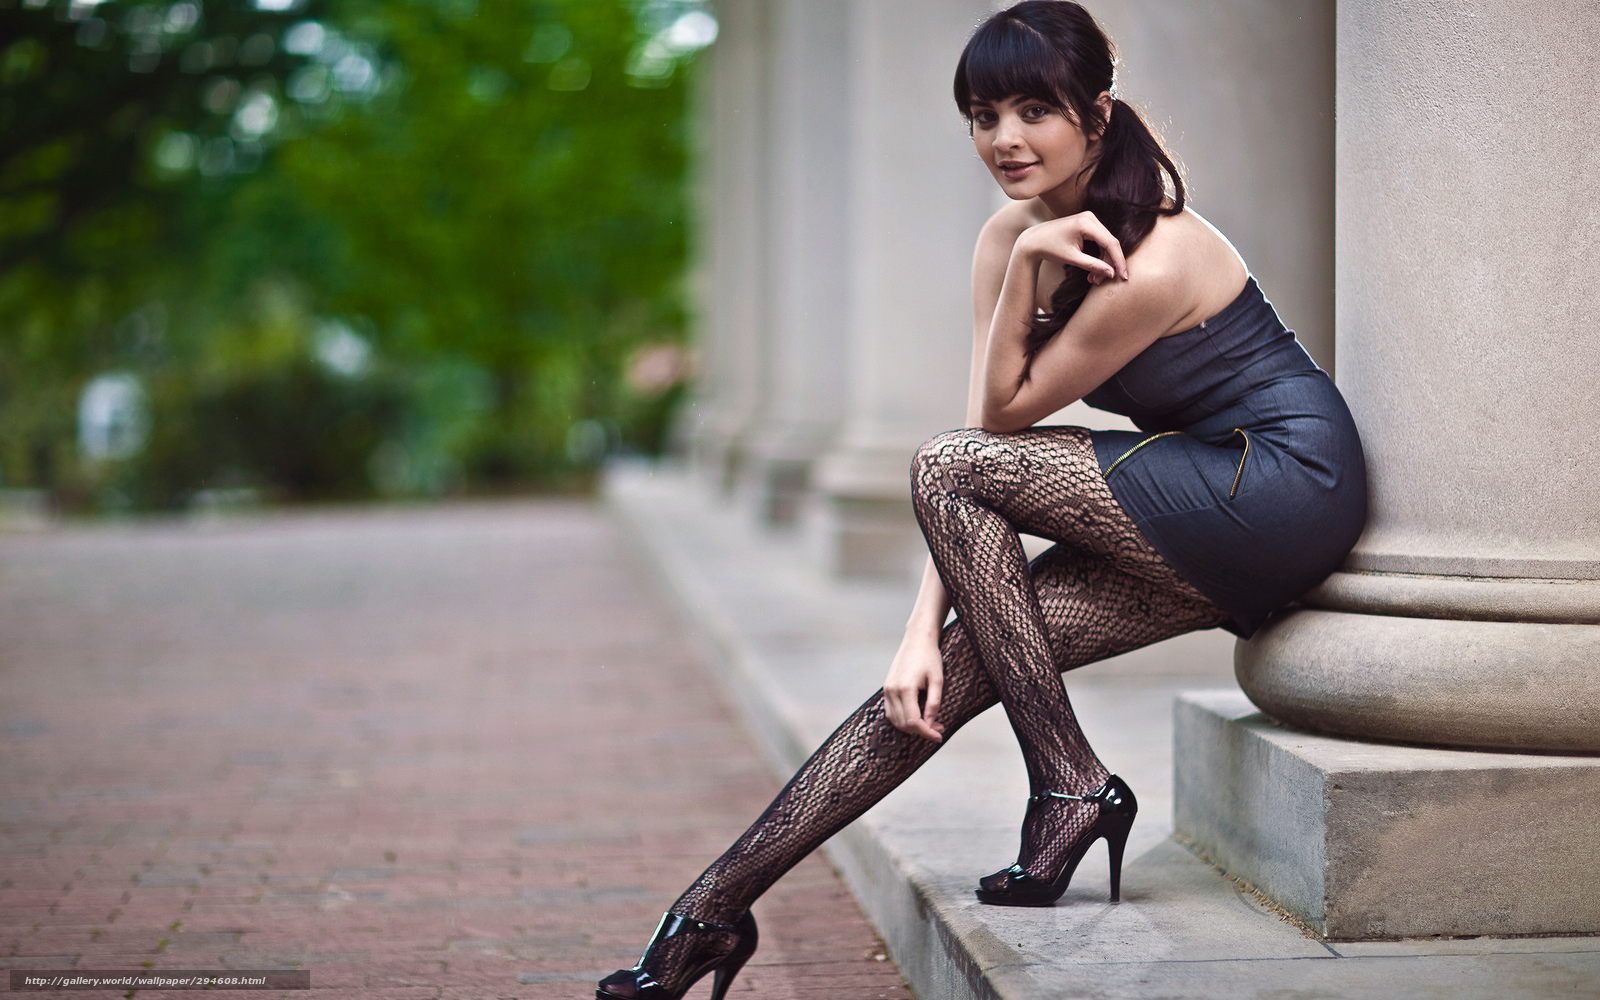 Смотреть онлайн секс с длинноногими девочками в чулках 9 фотография